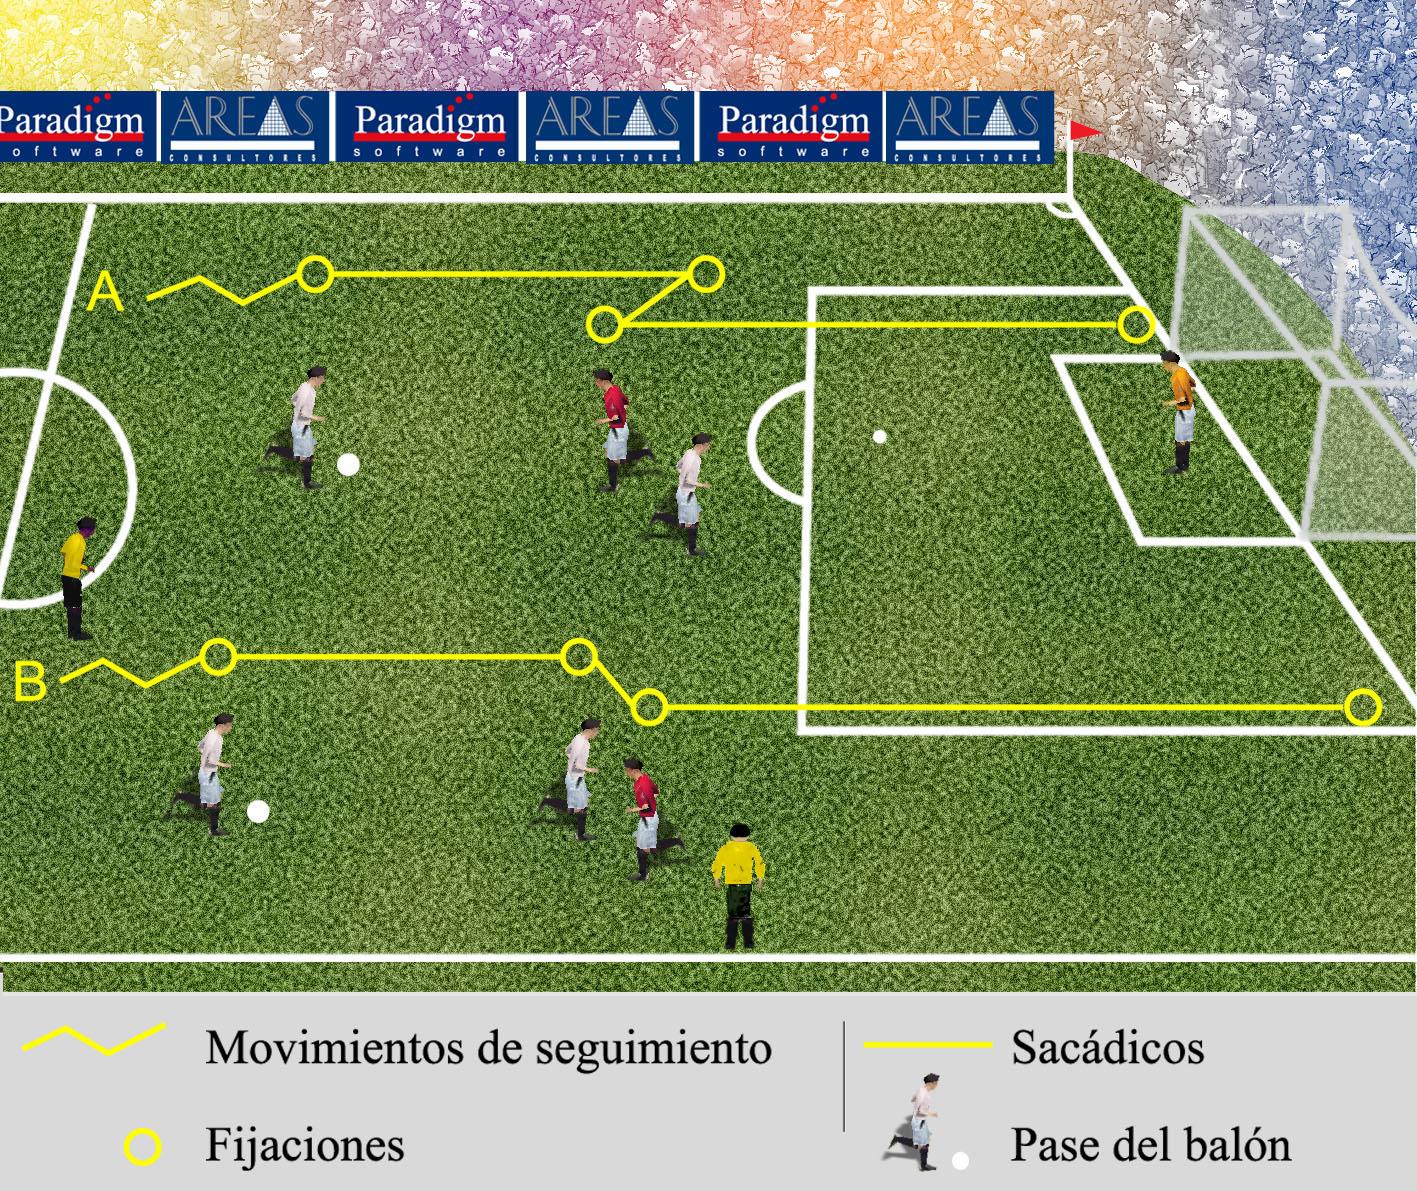 Secuencia visual fuera de juego, visual secuence offside football